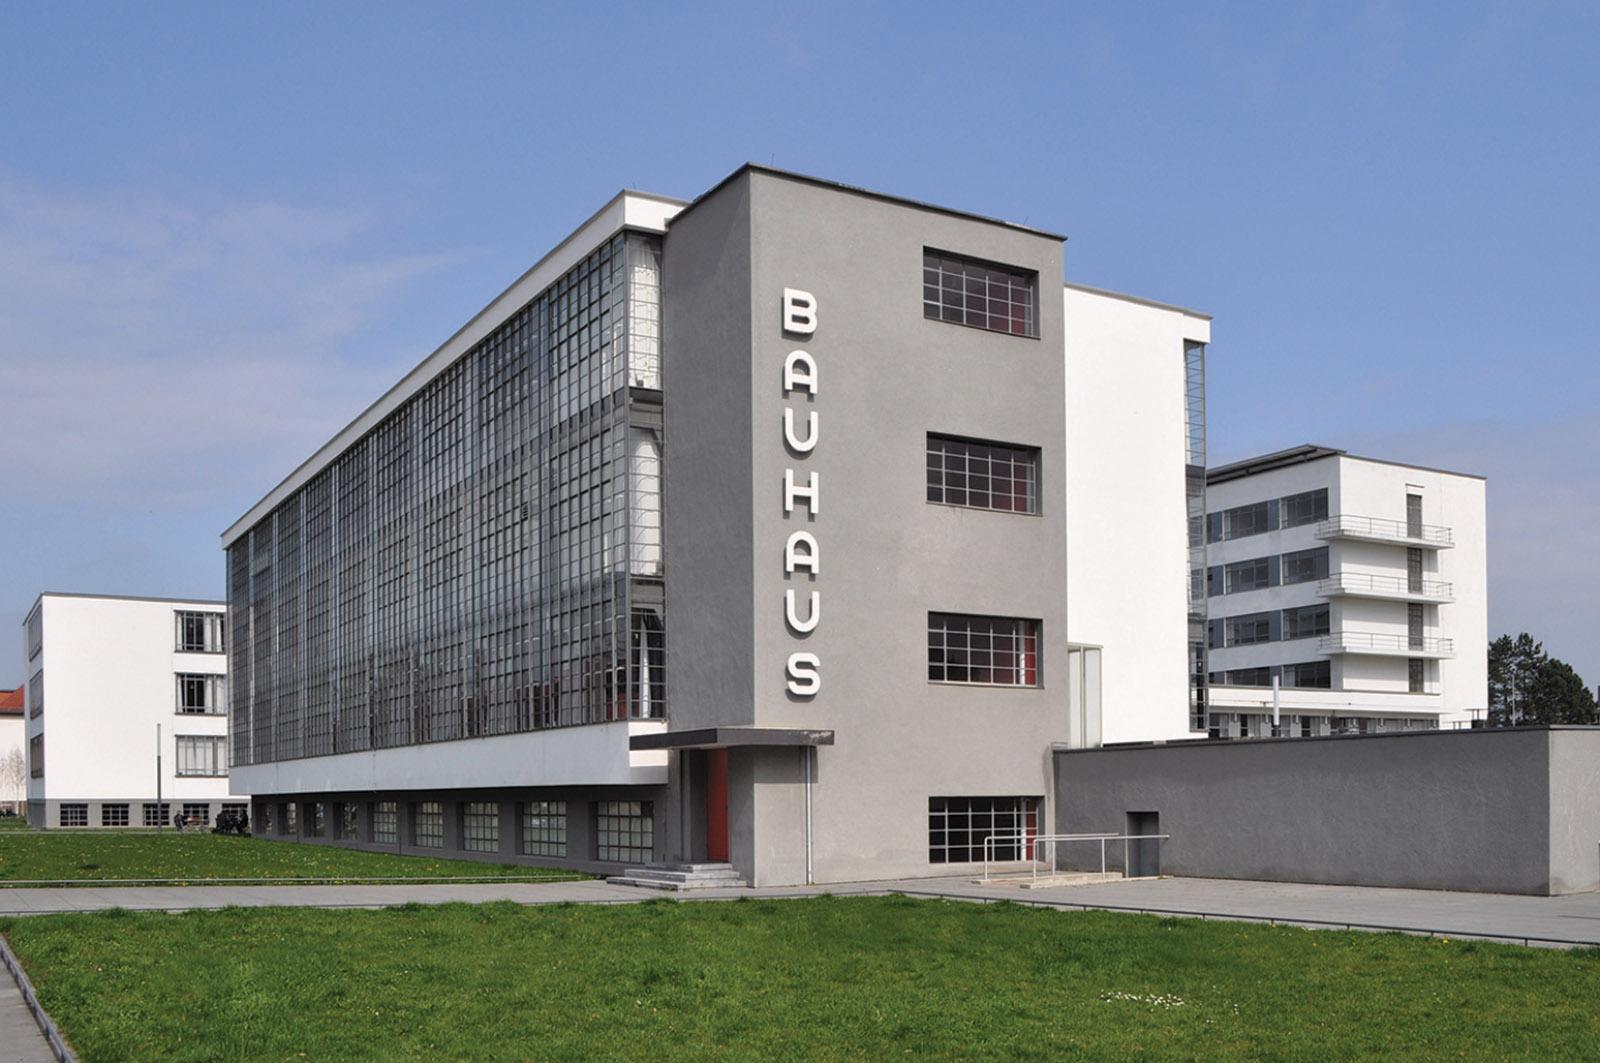 The Bauhaus building